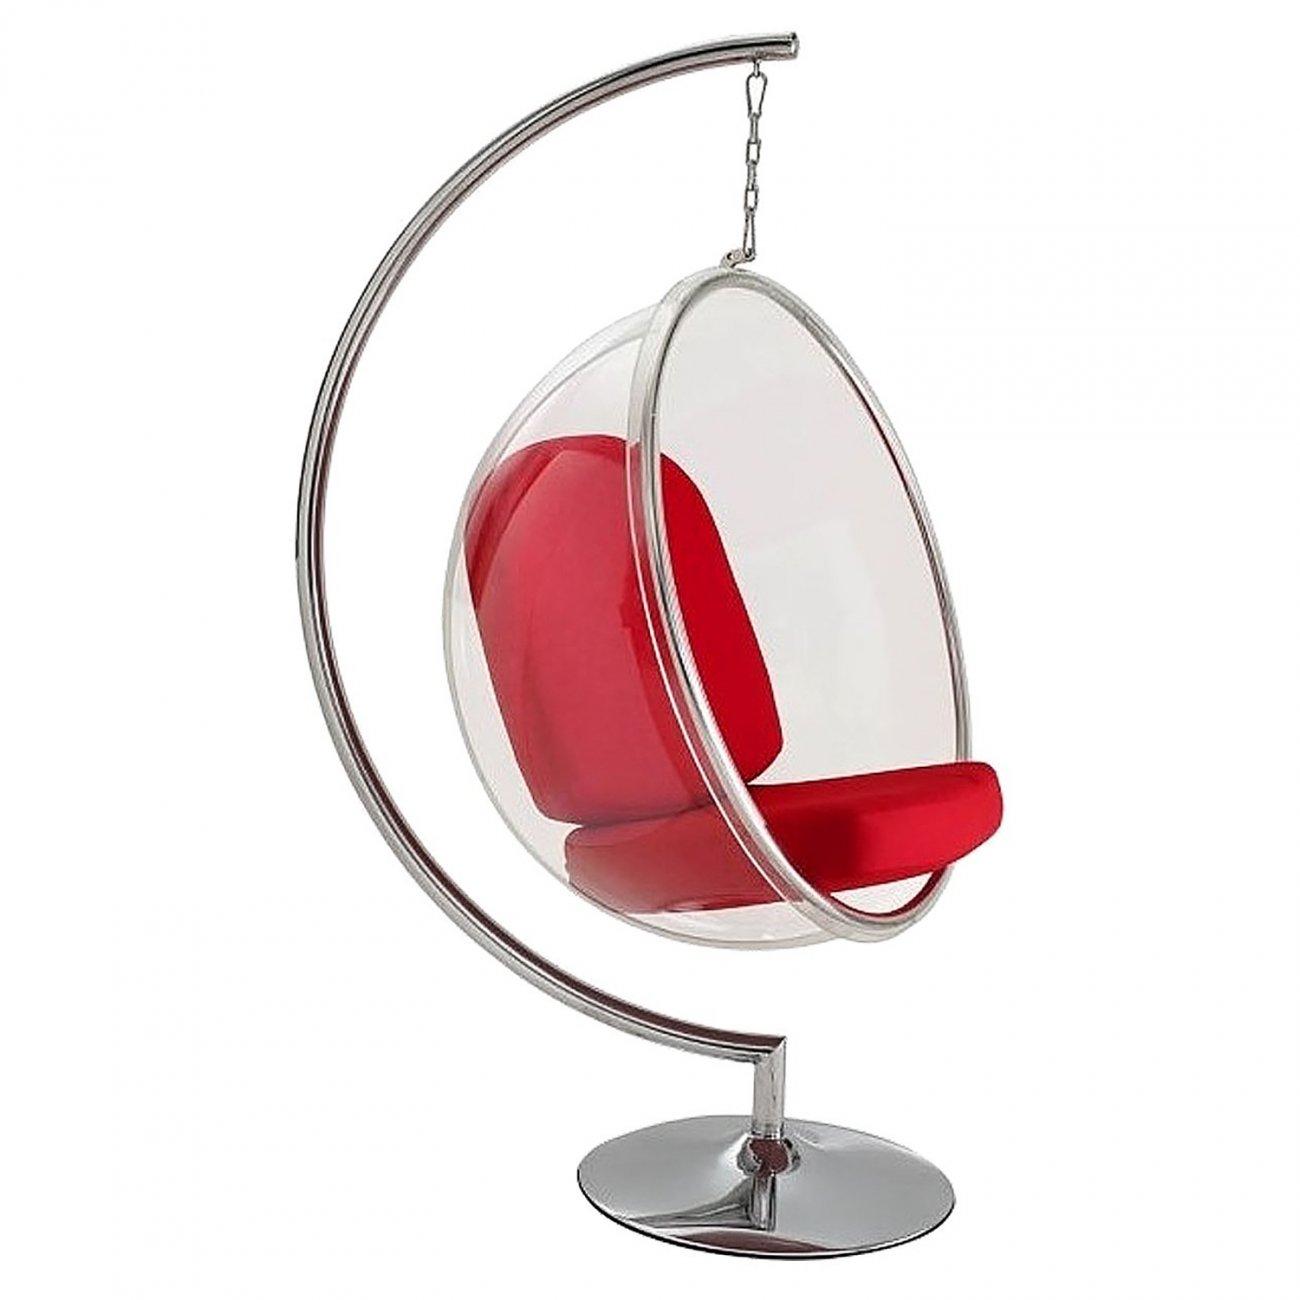 Купить Кресло Bubble Chair with Stand Красная Экокожа в интернет магазине дизайнерской мебели и аксессуаров для дома и дачи